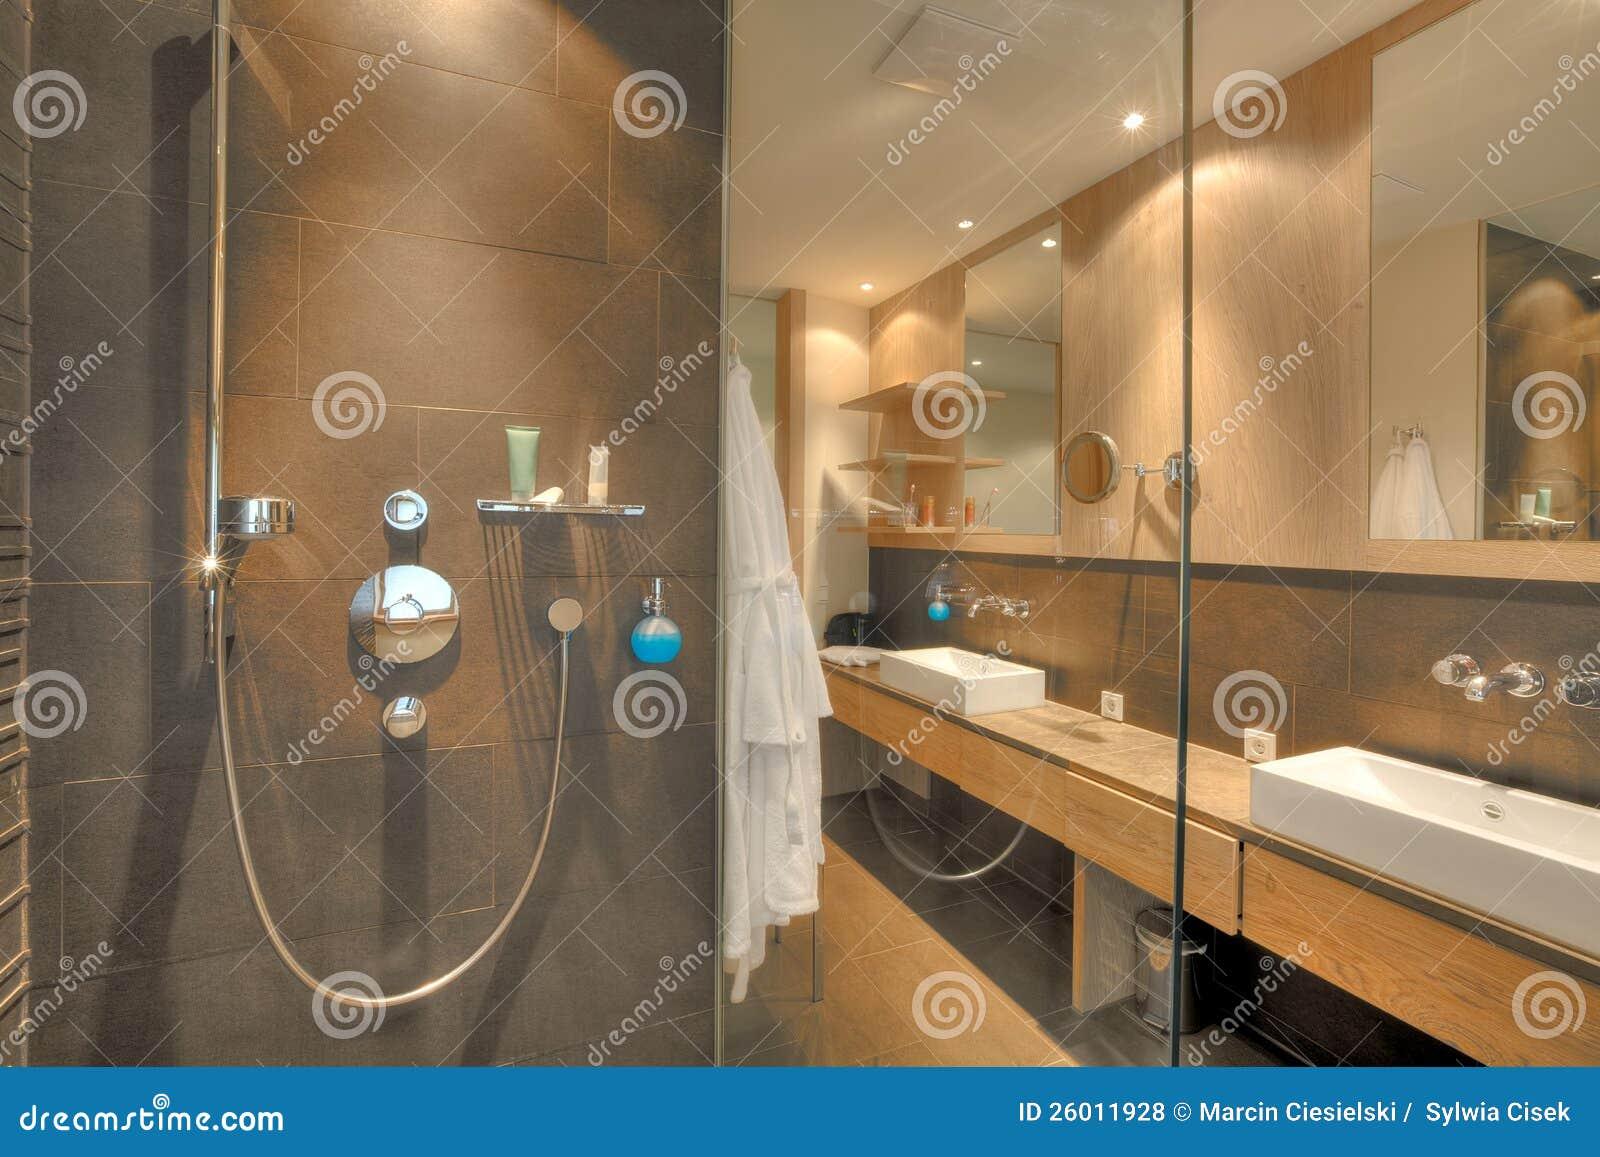 Dusche In Einem Schönen Badezimmer Stockfoto - Bild von ...